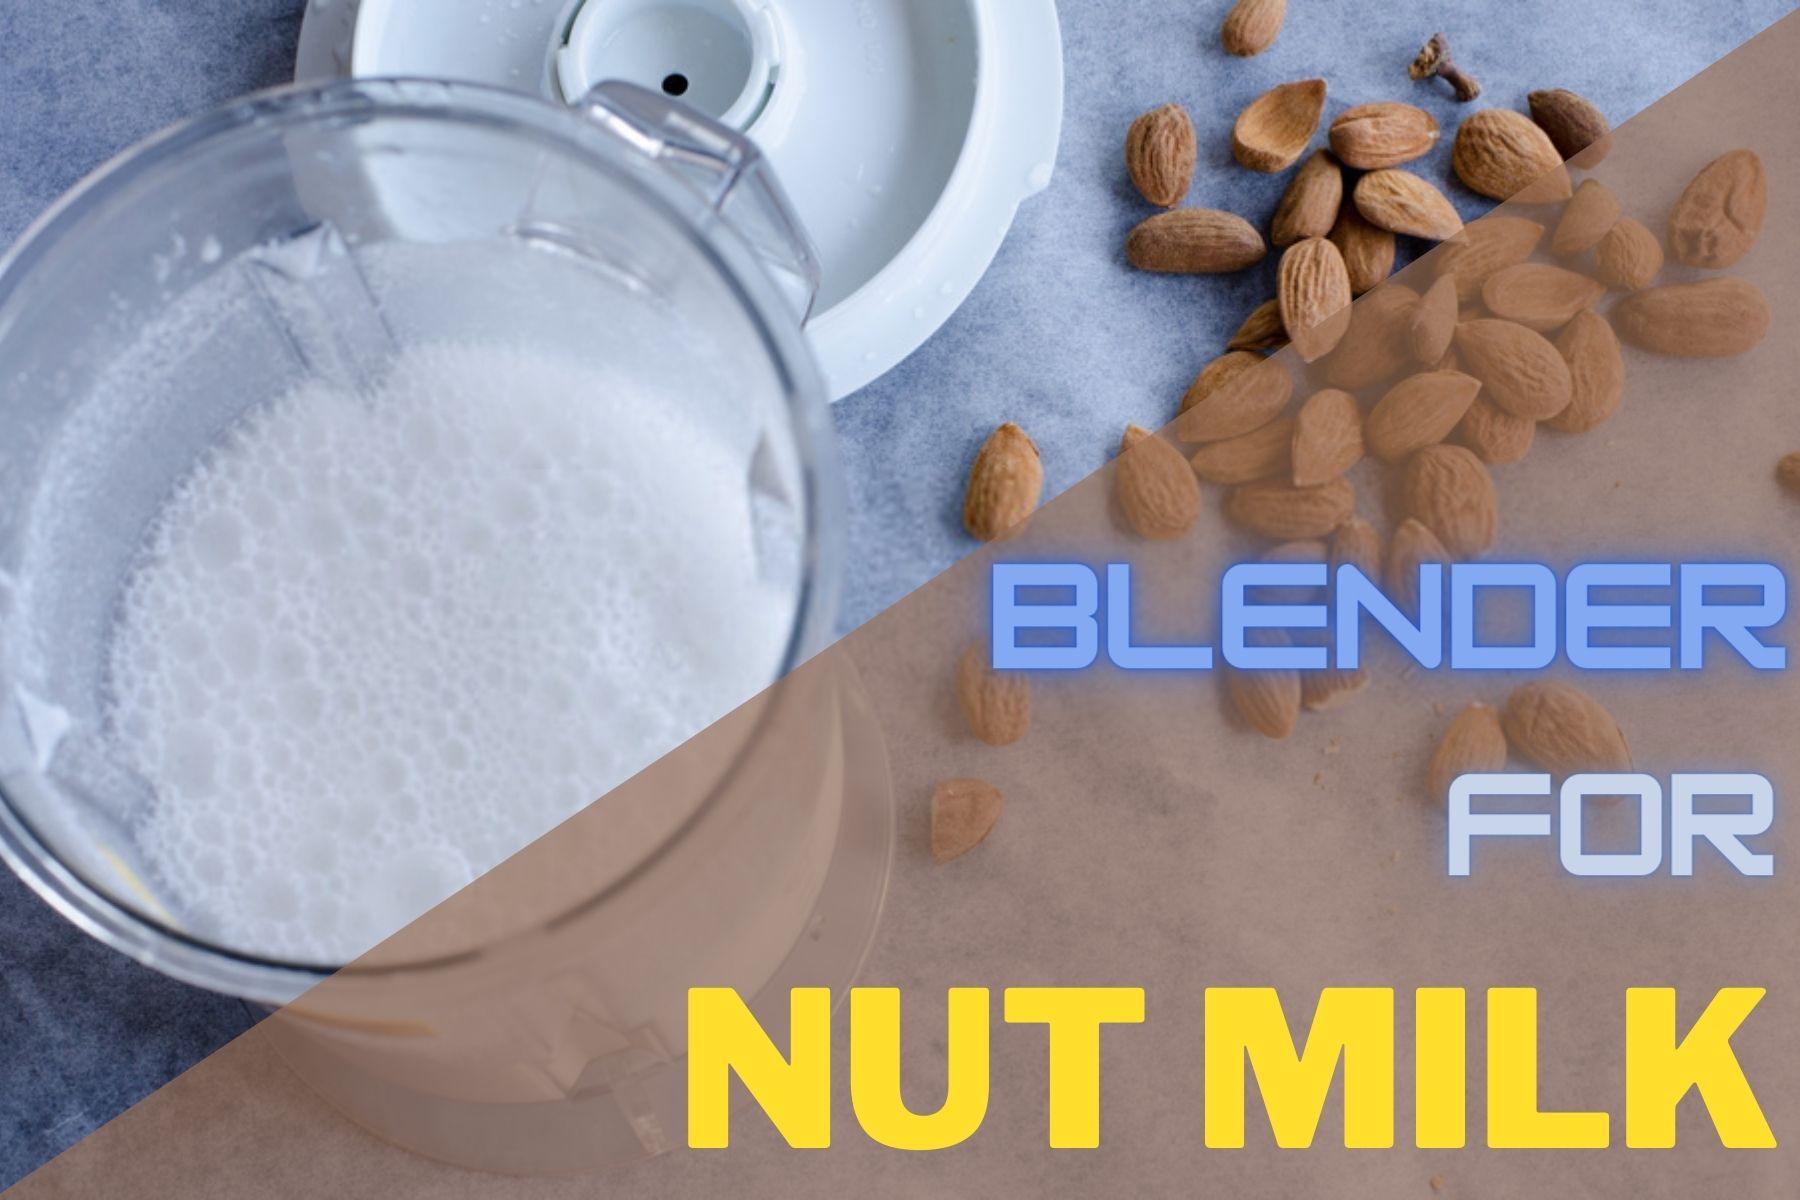 Best Blender For Nut Milk